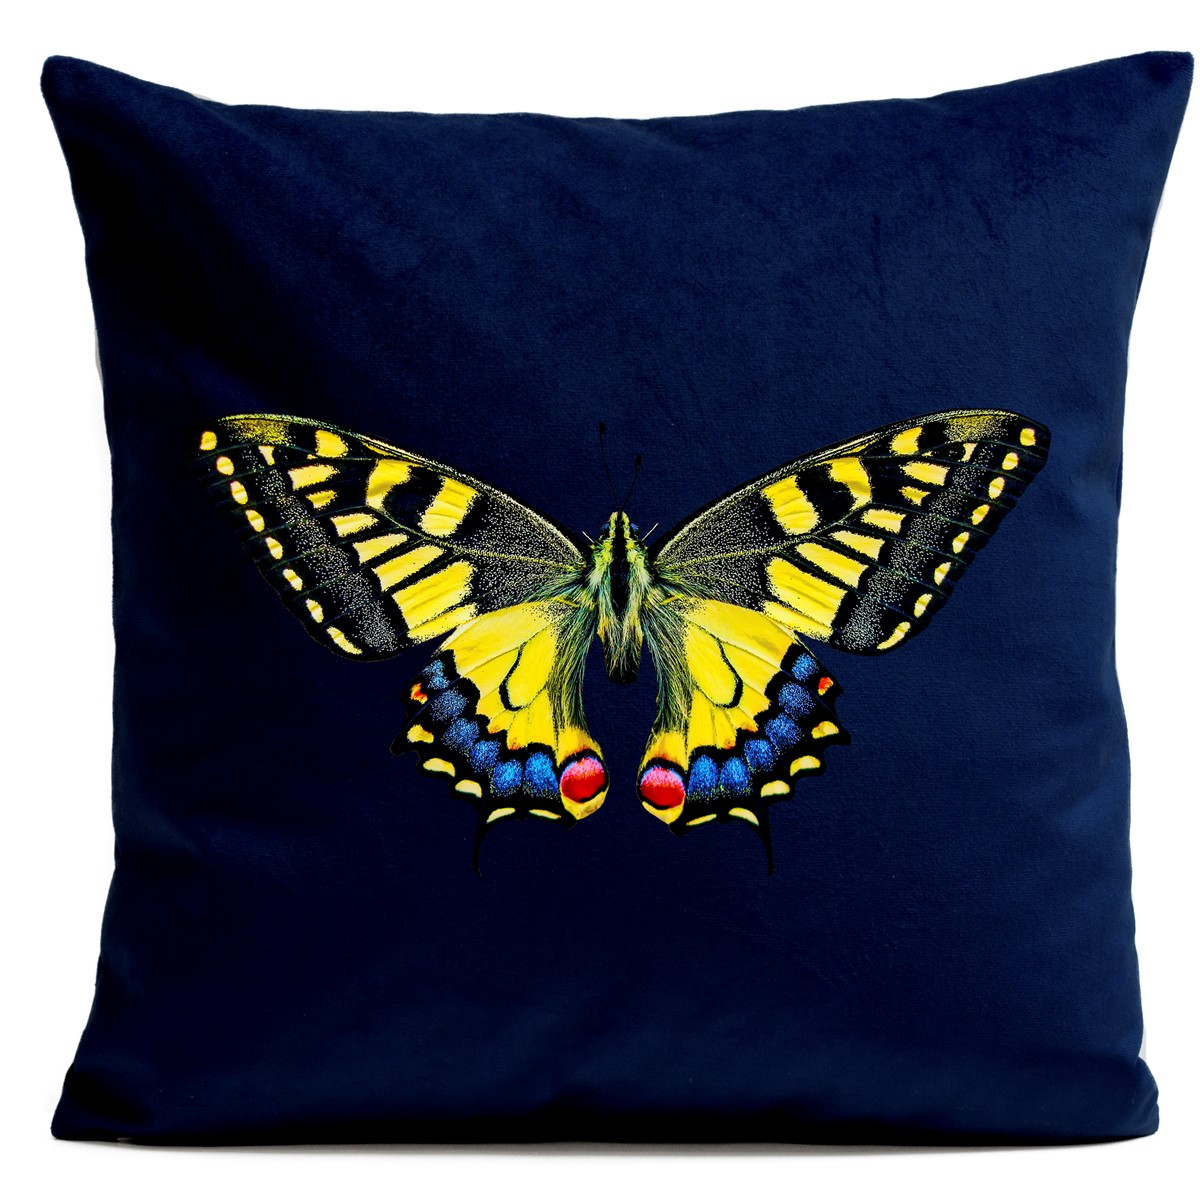 Coussin velours carré imprimé papillons bleu foncé 40x40